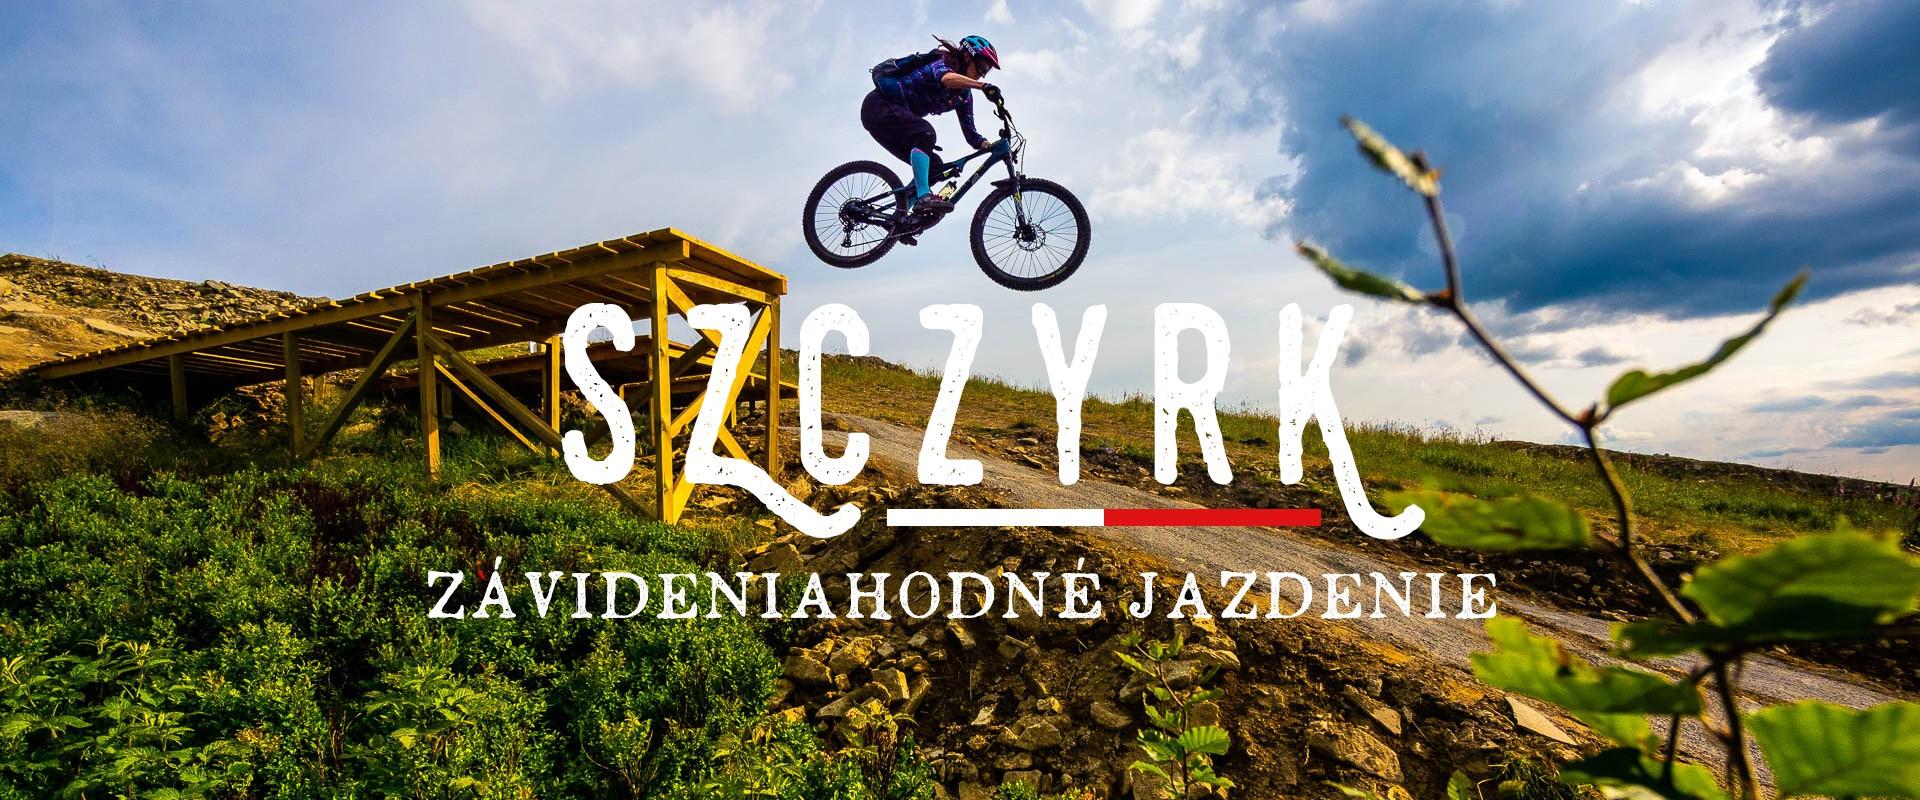 Szczyrk Enduro Trails - závideniahodné jazdenie s obrovským potenciálom a investormi zo Slovenska